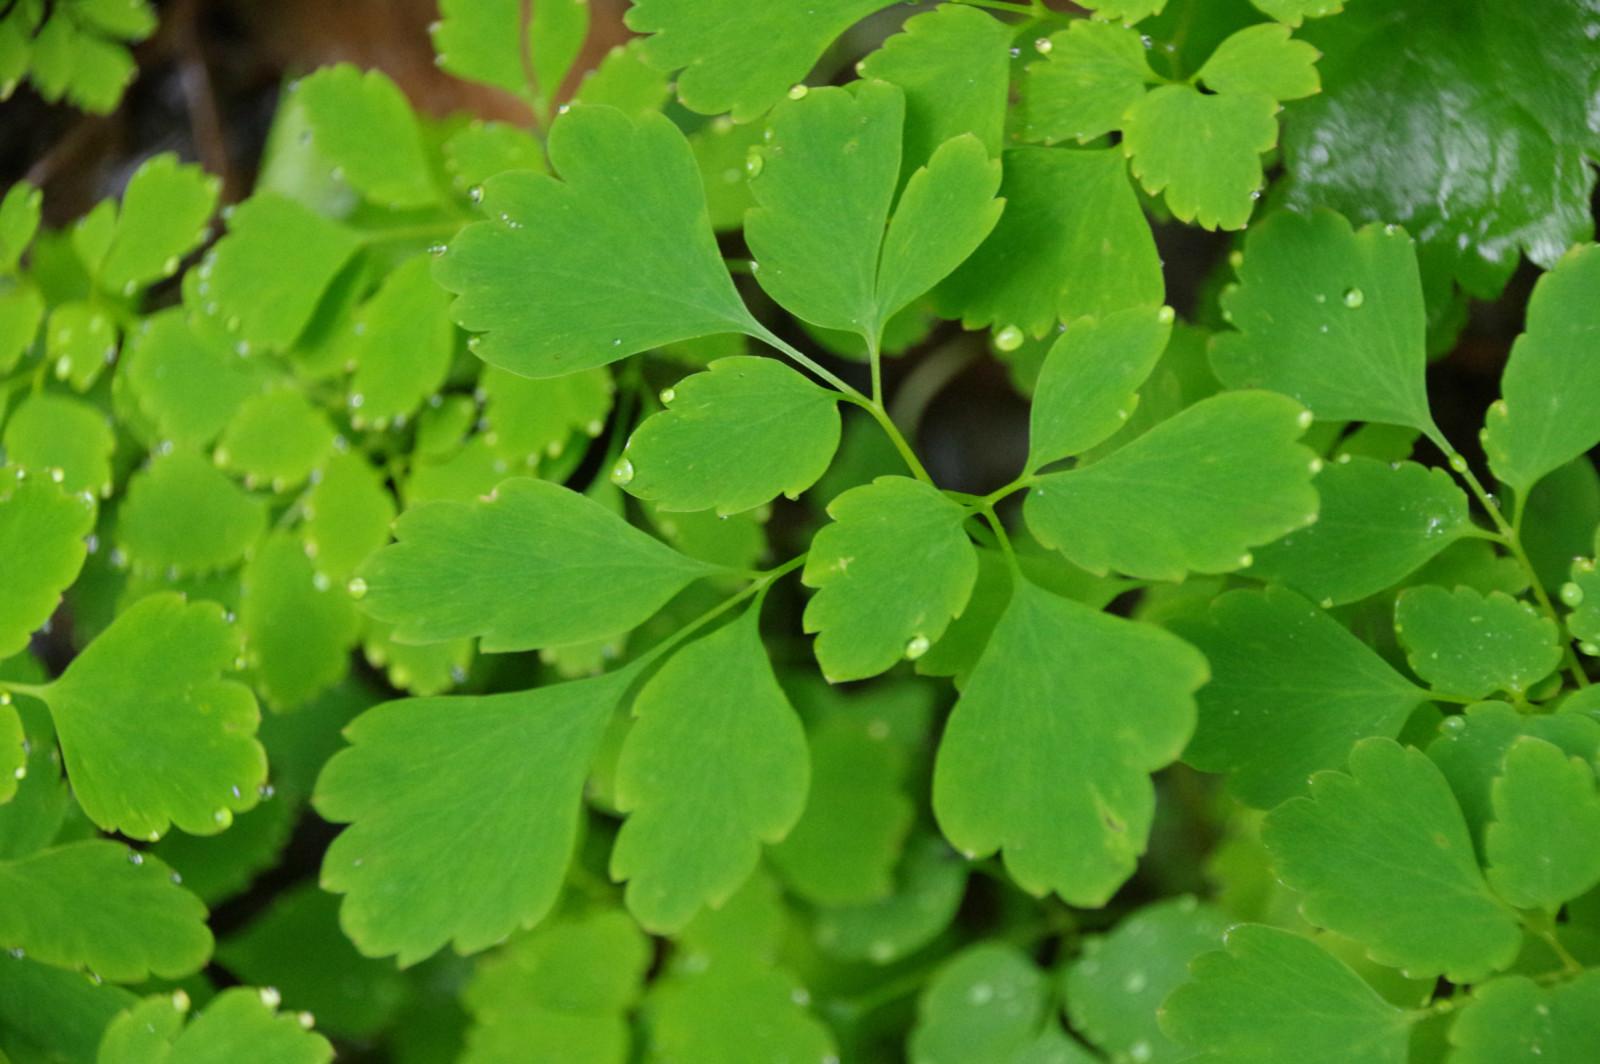 背景 壁纸 绿色 绿叶 树叶 植物 桌面 1600_1064